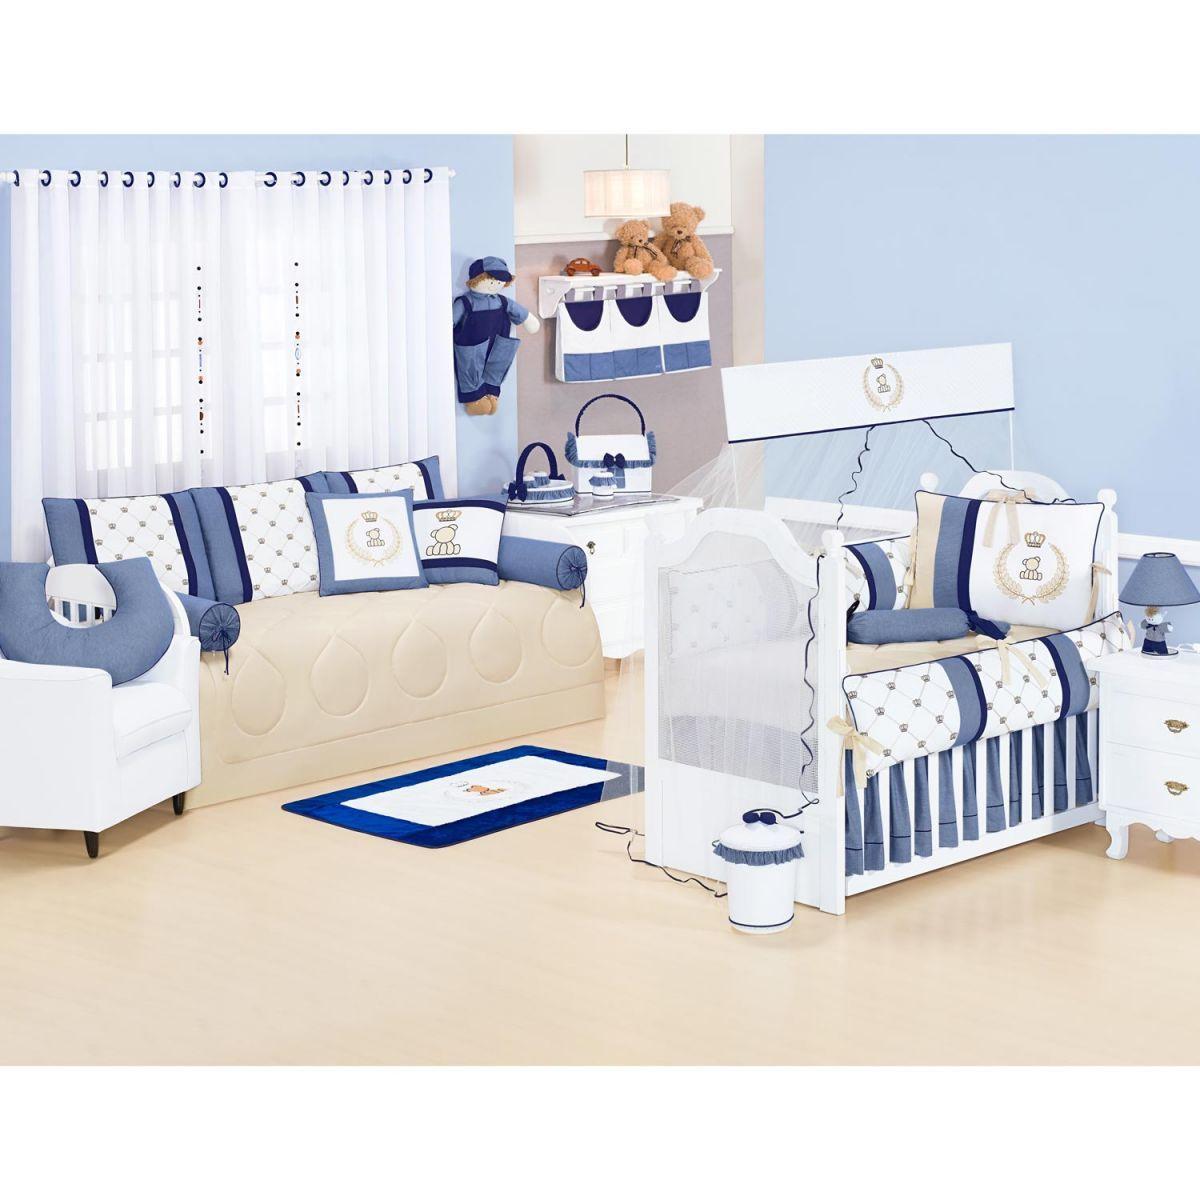 Coleção Completa para Quarto de Bebê Classic Marinho - 25 Peças